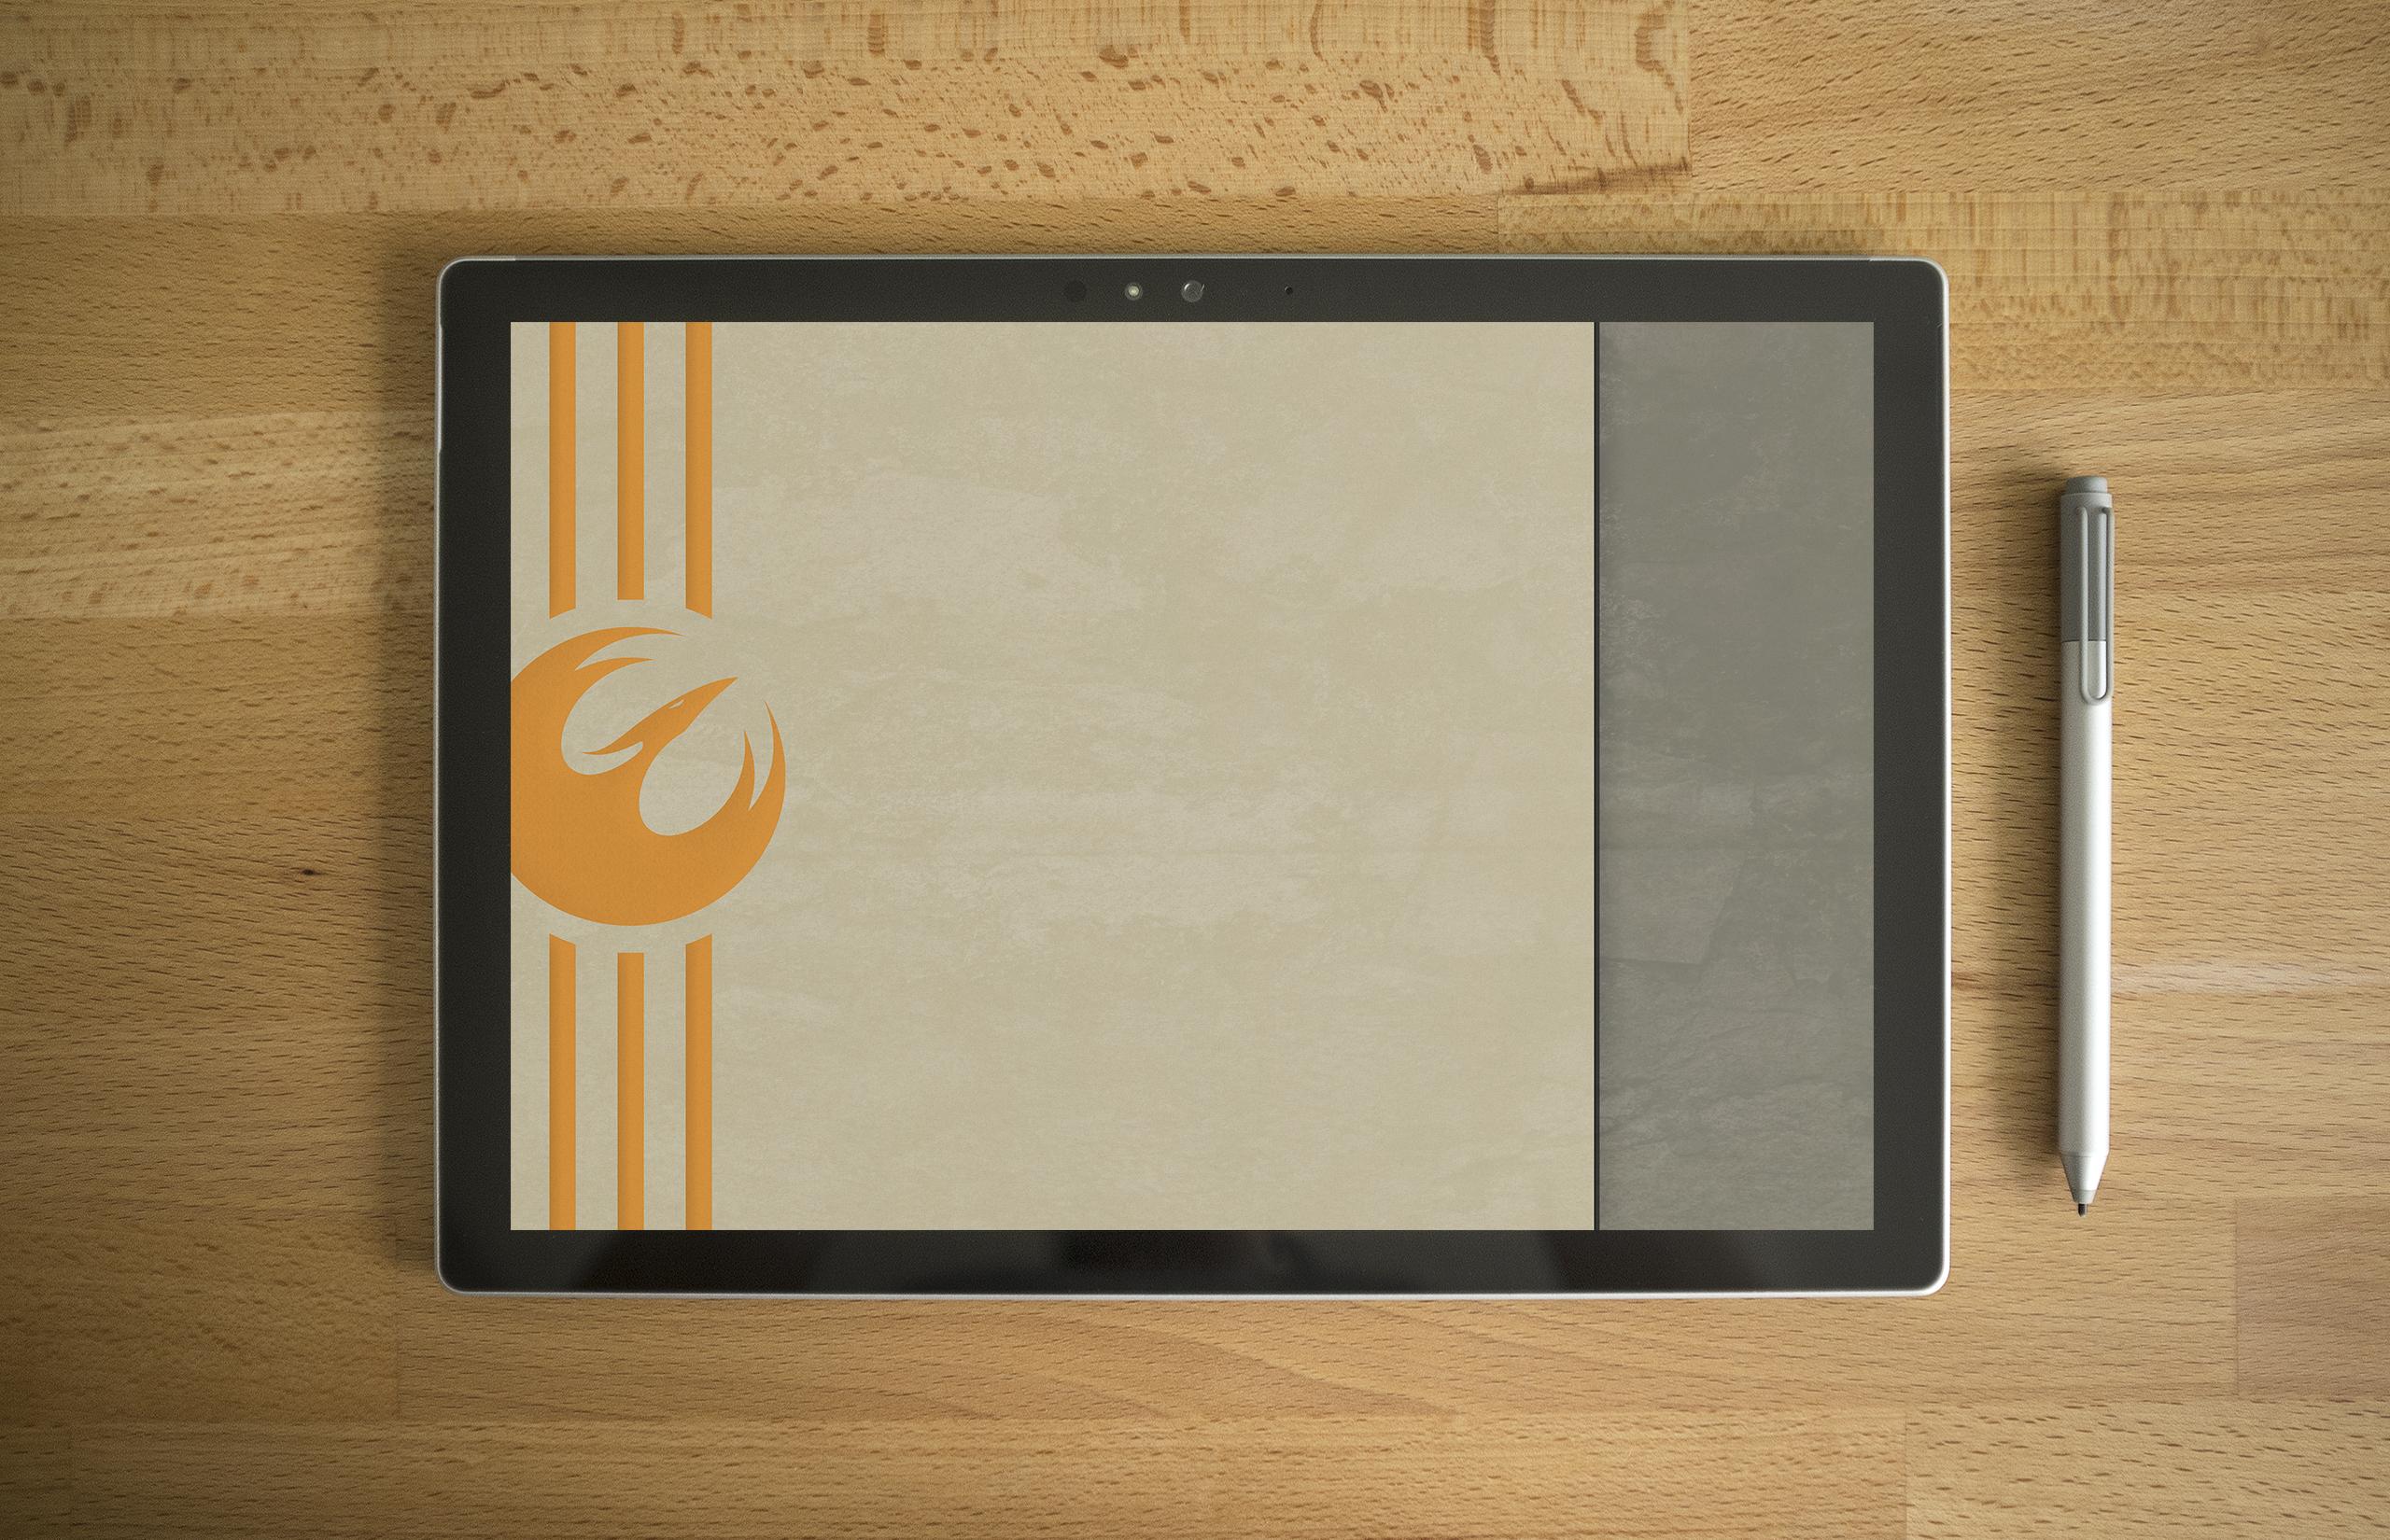 Star Wars Rebels Uhd 16 9 Desktop Wallpaper By Iamdeclanfoster On Deviantart